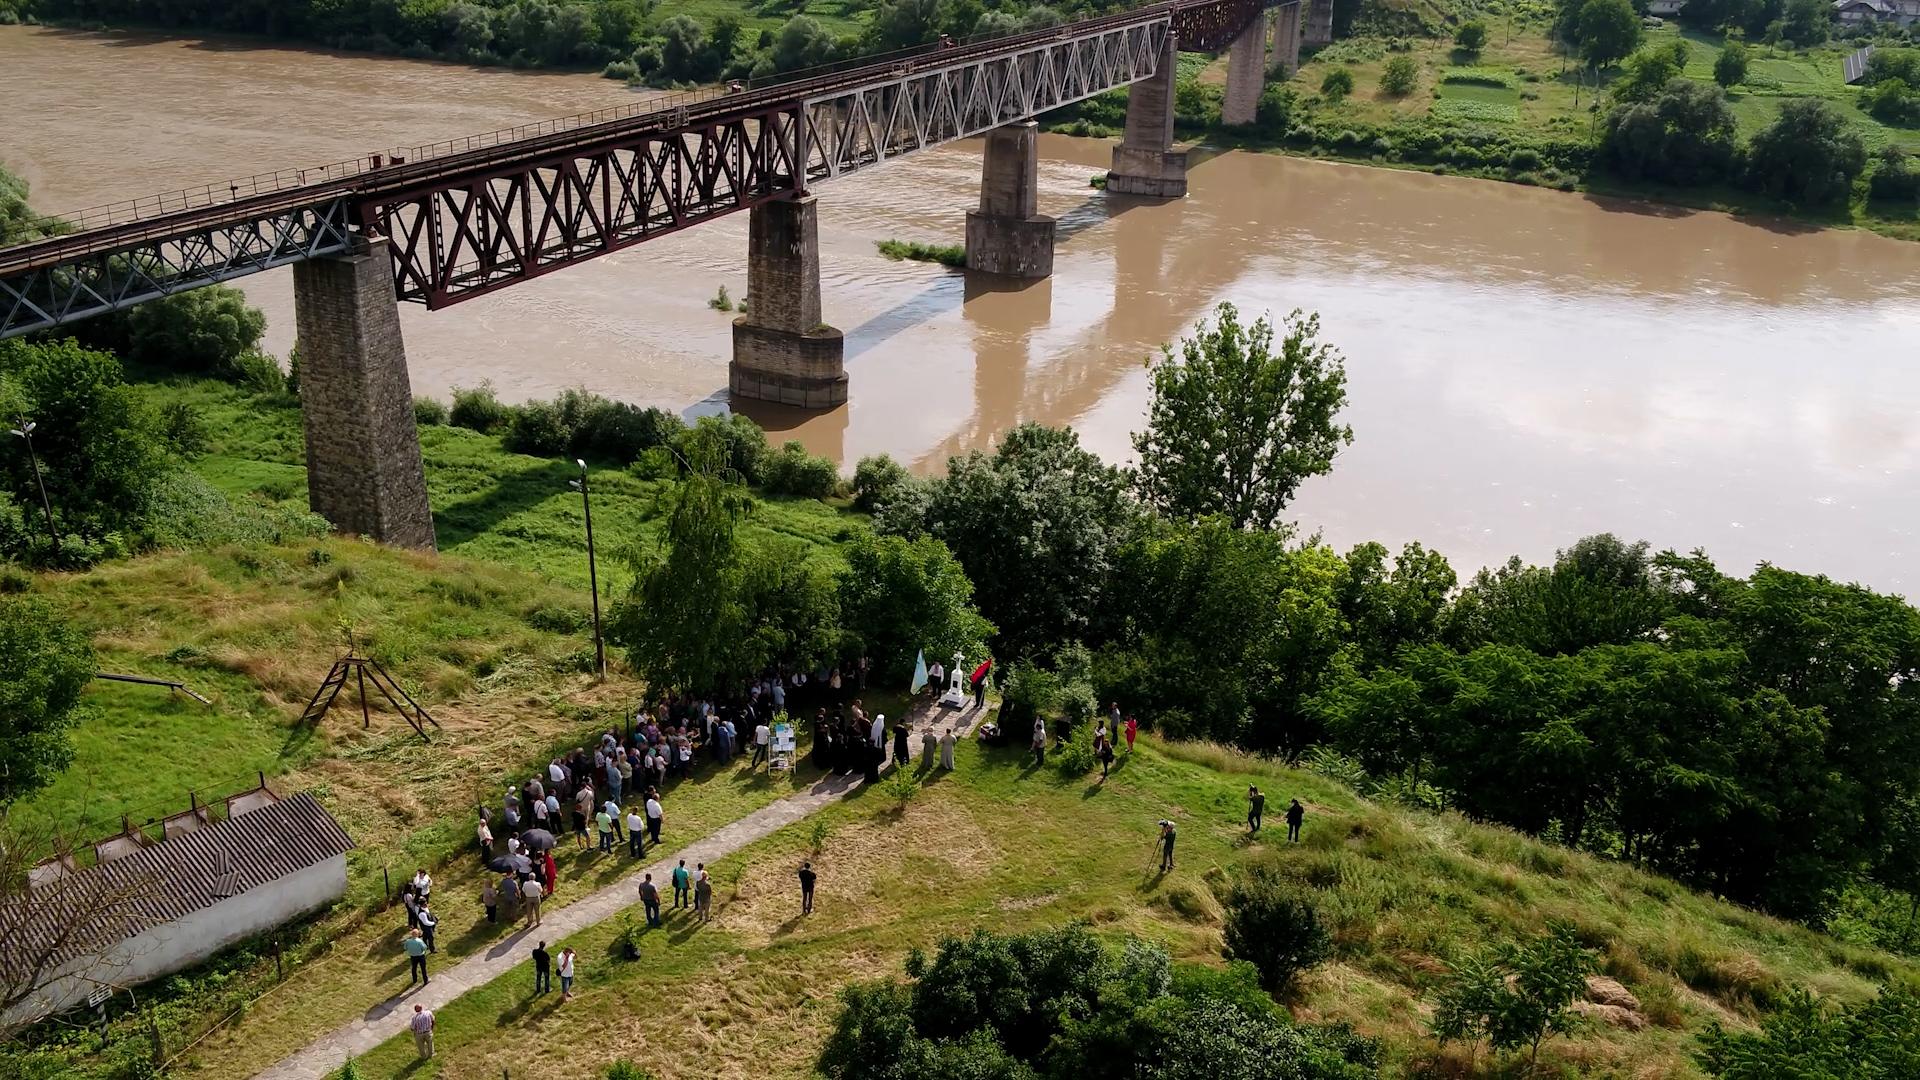 Пам'ять жертв Заліщицької трагедії вшанували біля залізничного моста на межі Тернопільщини та Чернівеччини